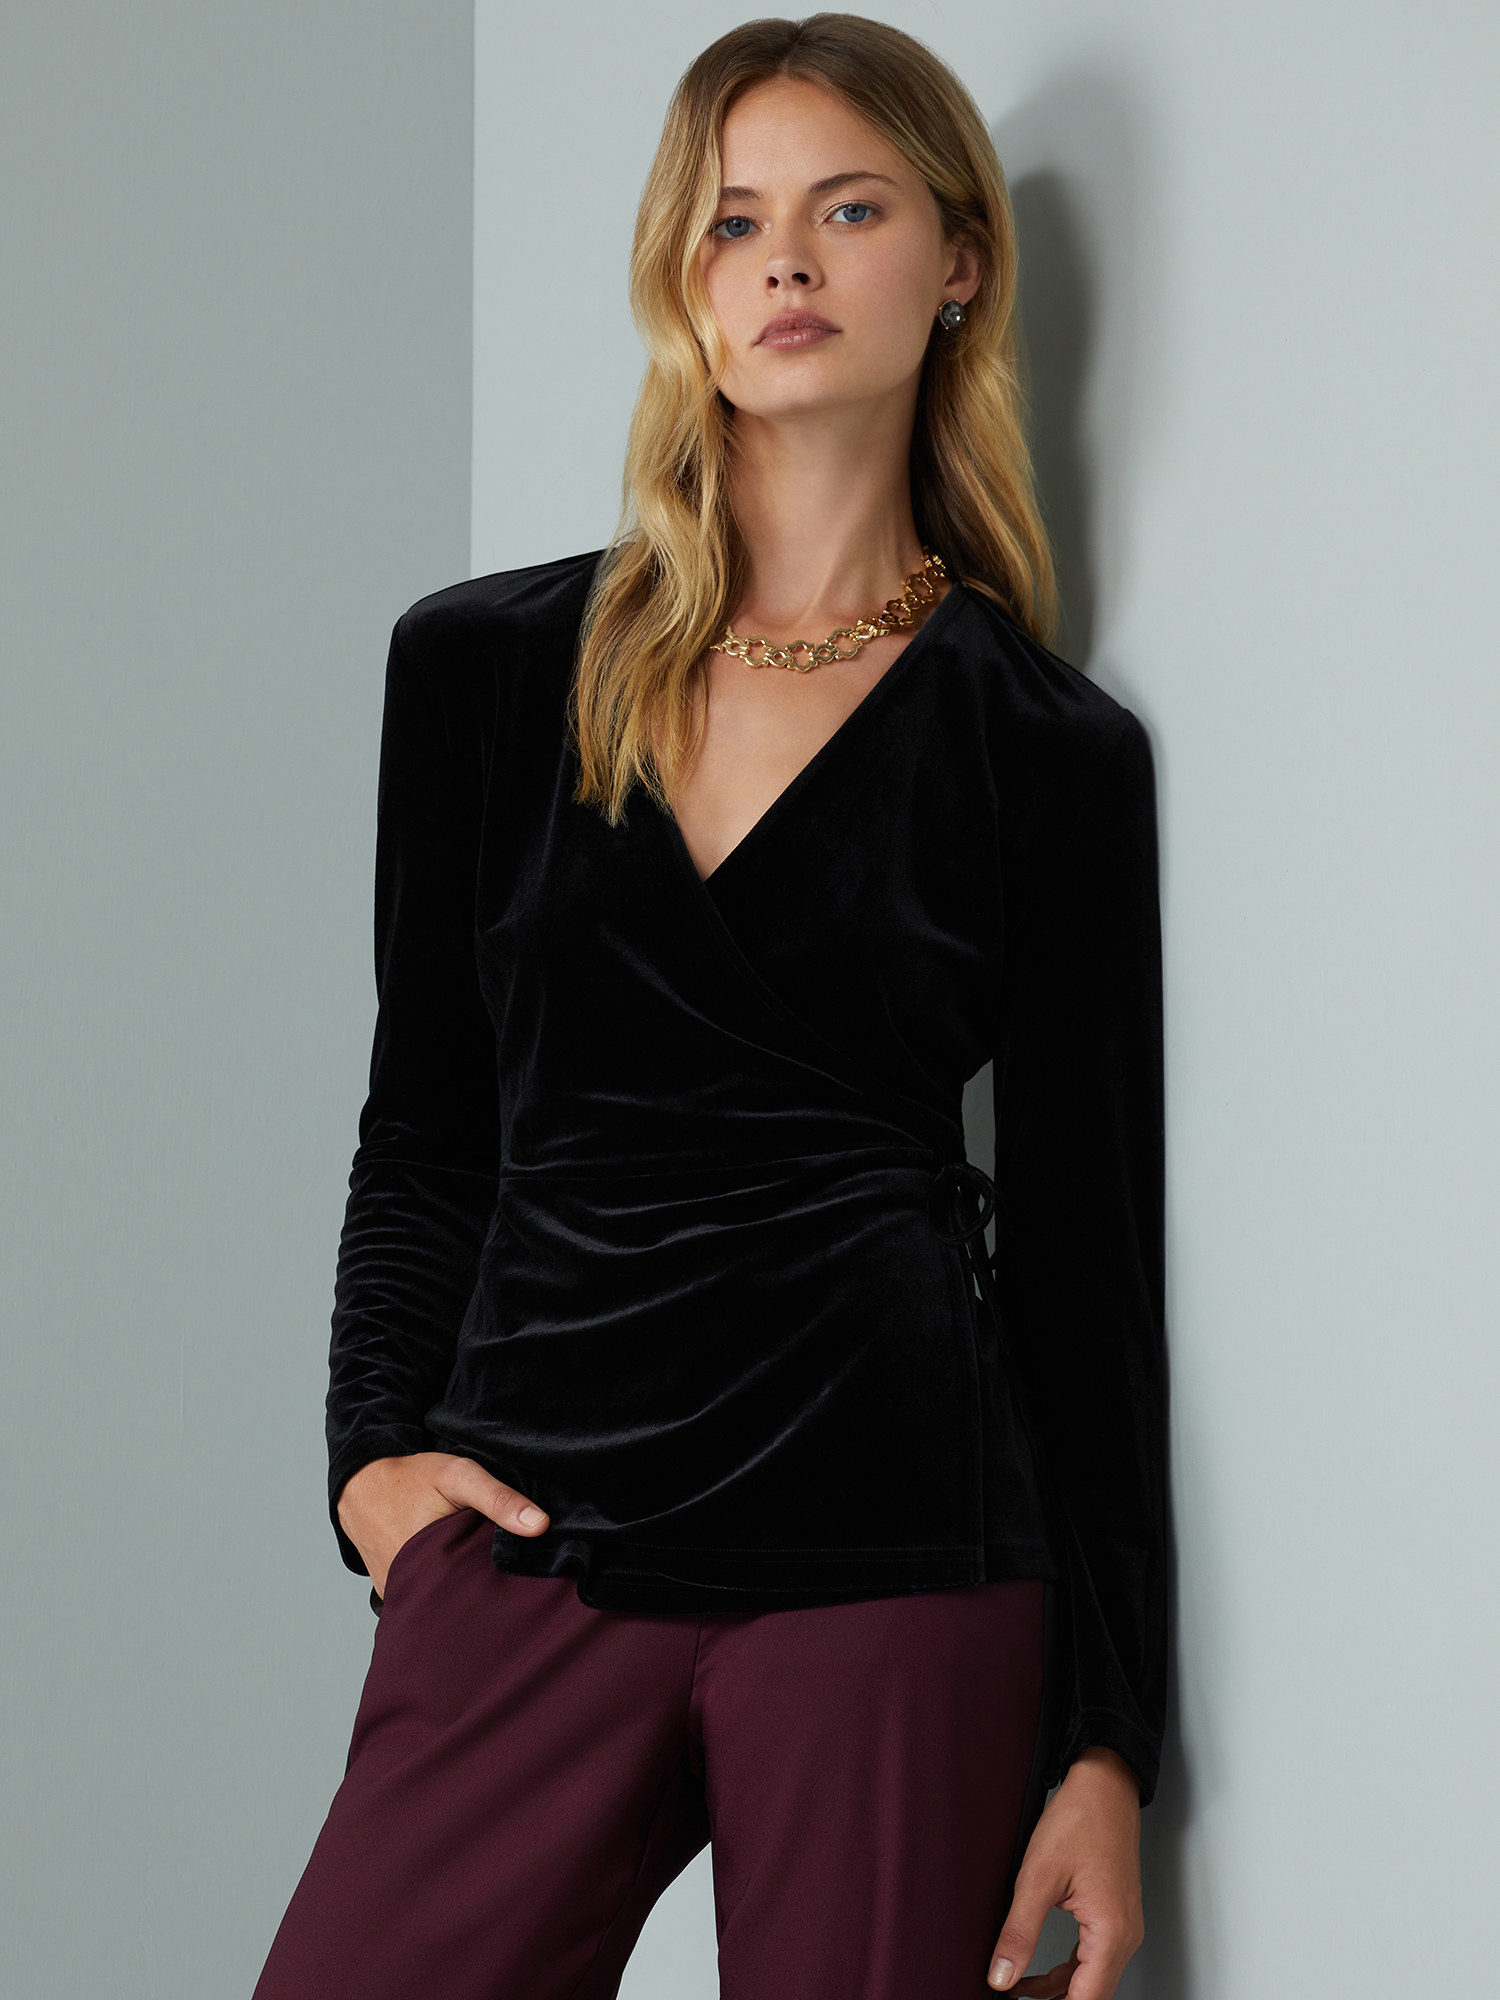 Model wearing a black velvet top